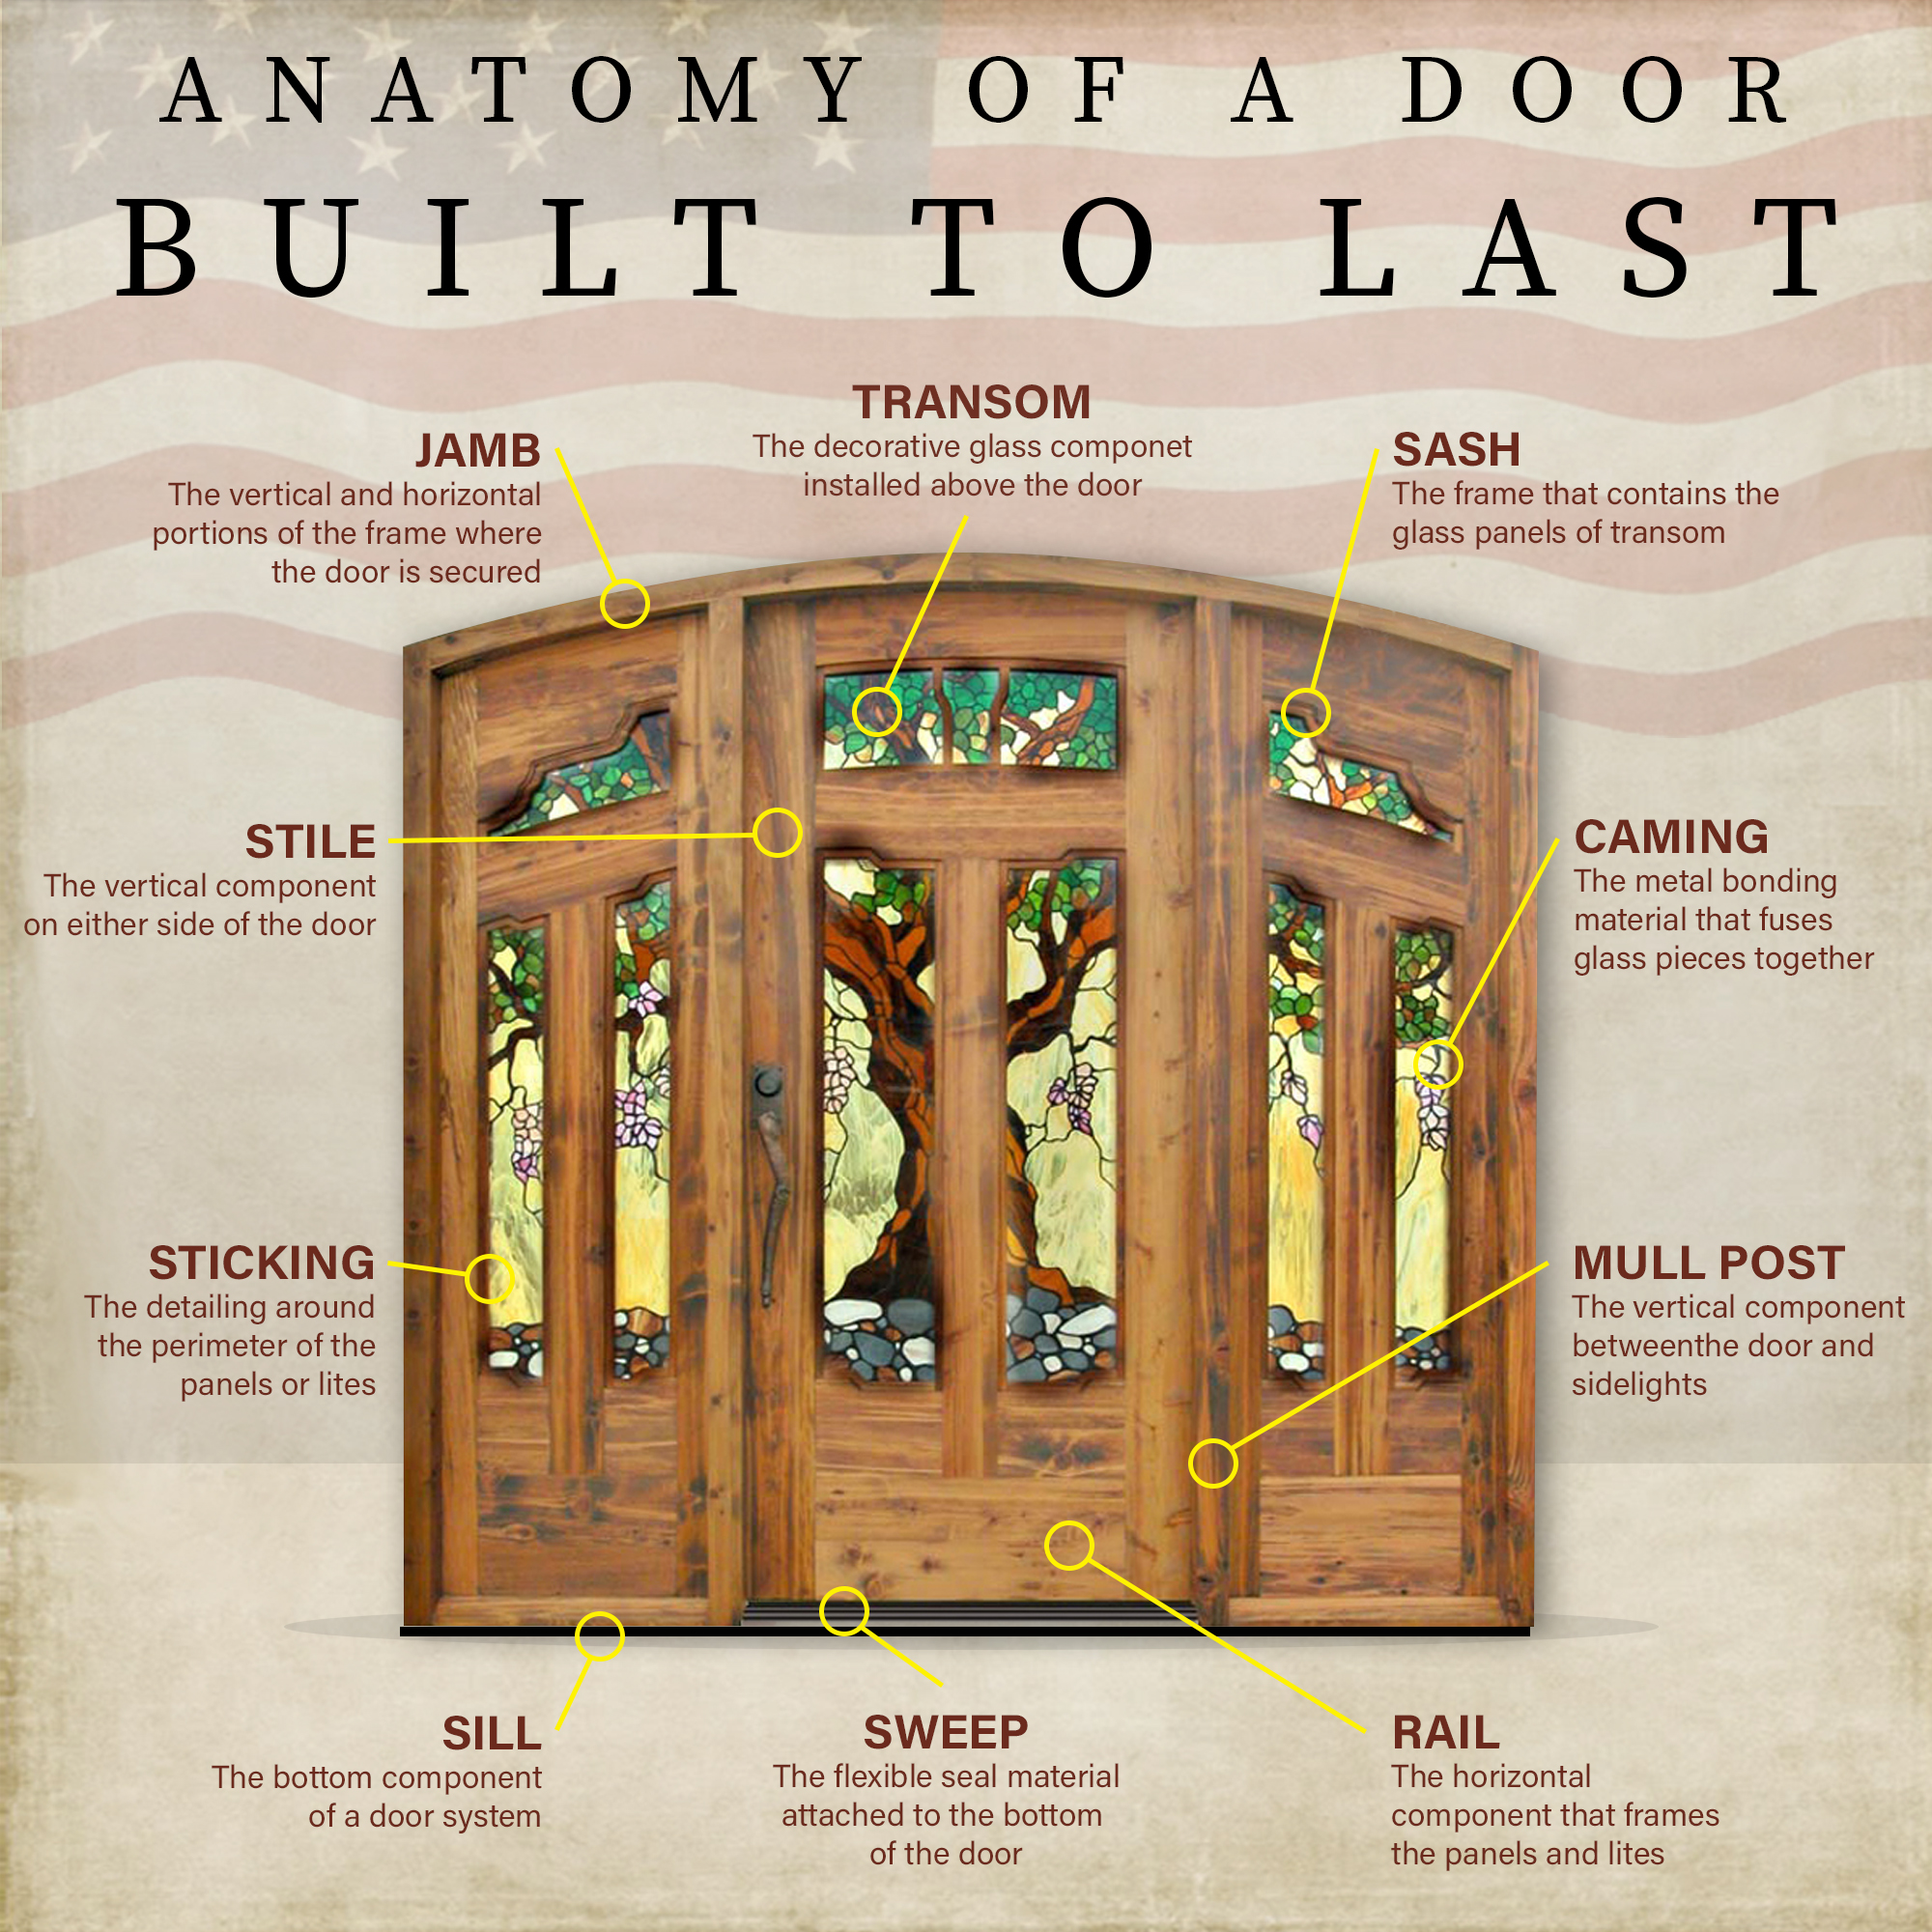 anatomy of a door